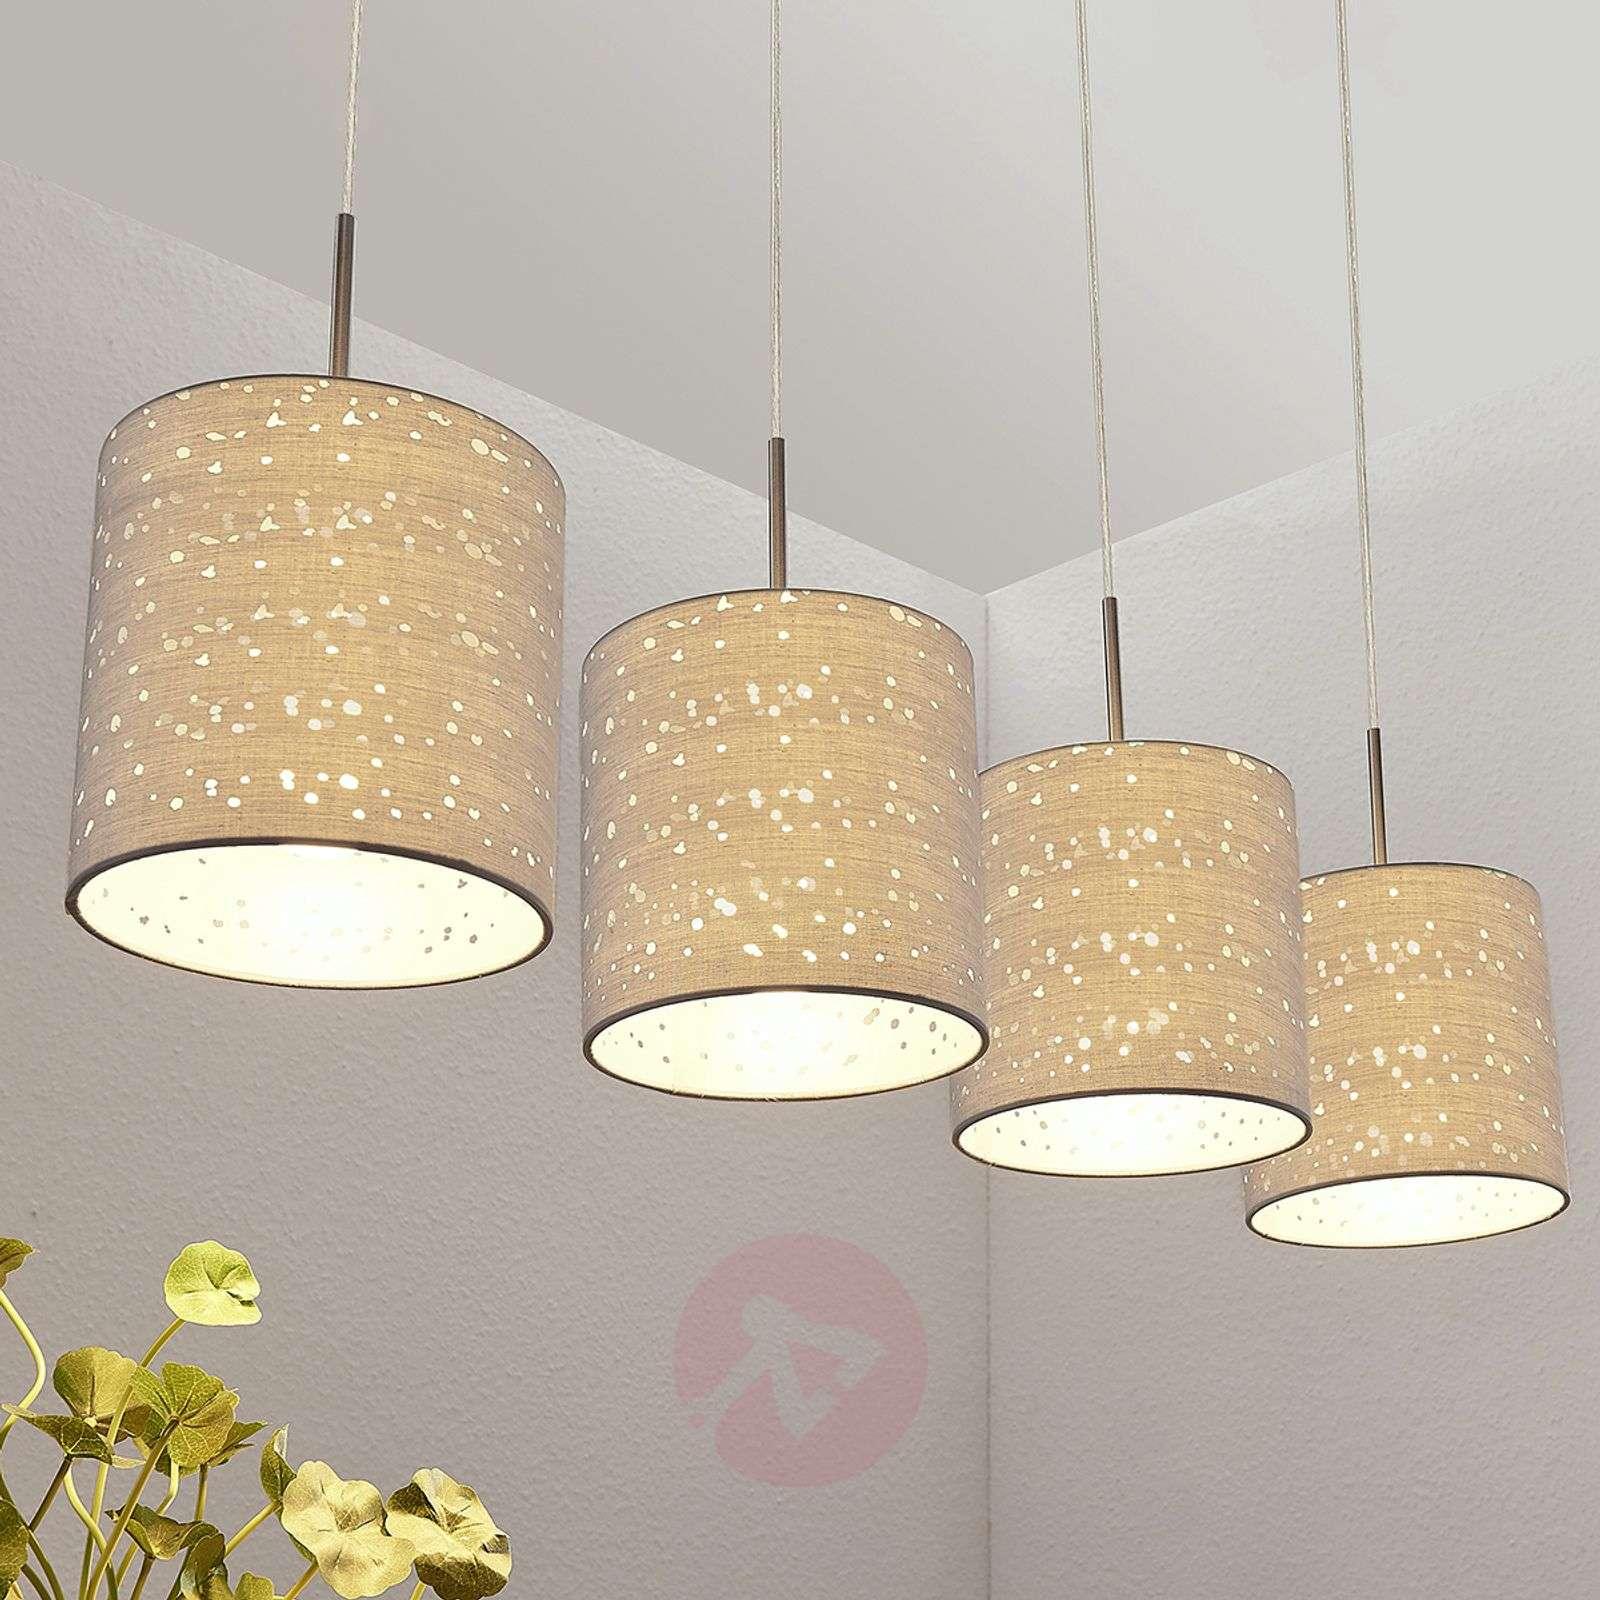 Riippuvalaisin Umma, 4-lamppuinen, harmaa-9624194-01